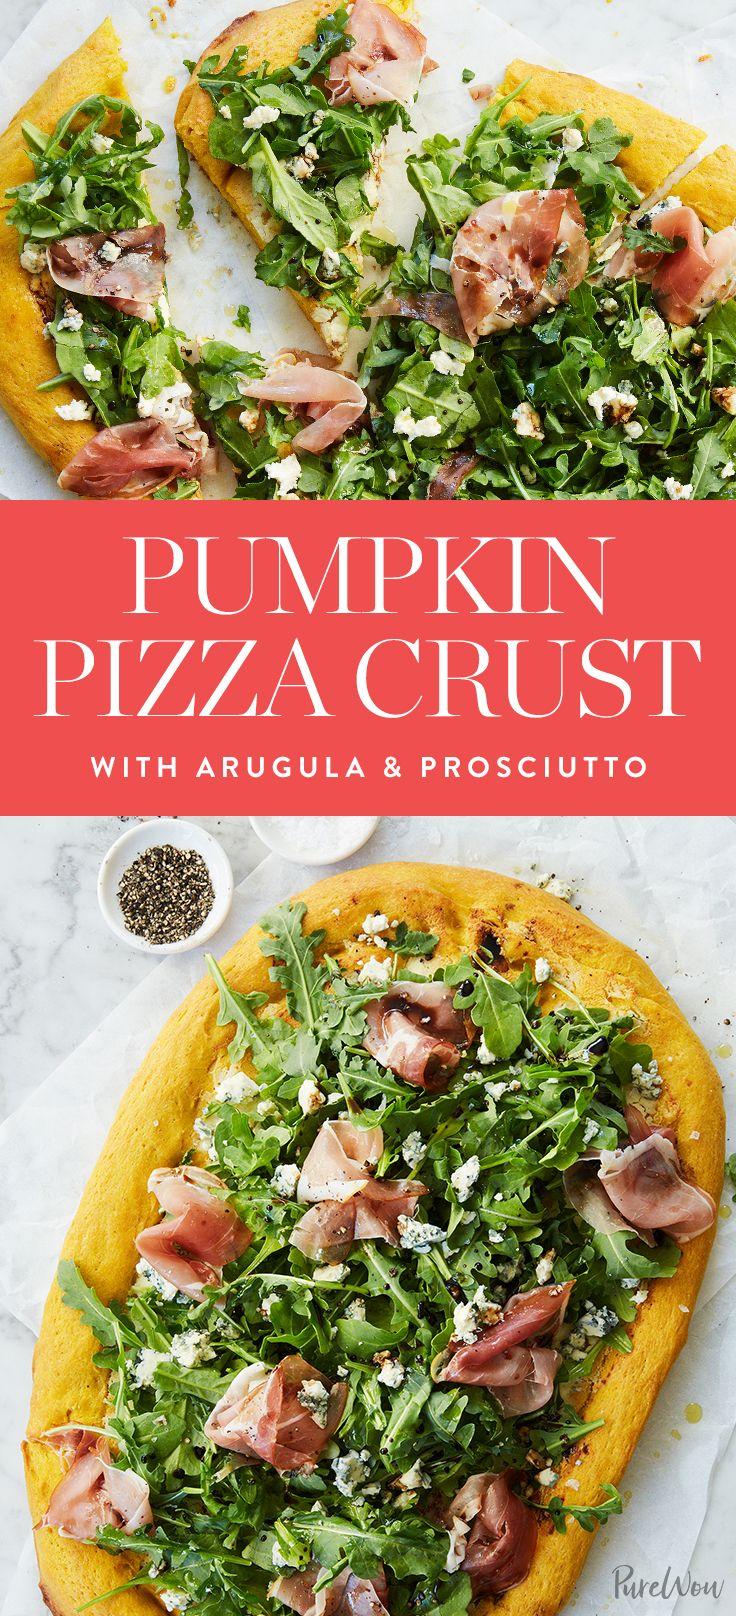 Pumpkin Pizza Crust with Arugula and Prosciutto via @PureWow